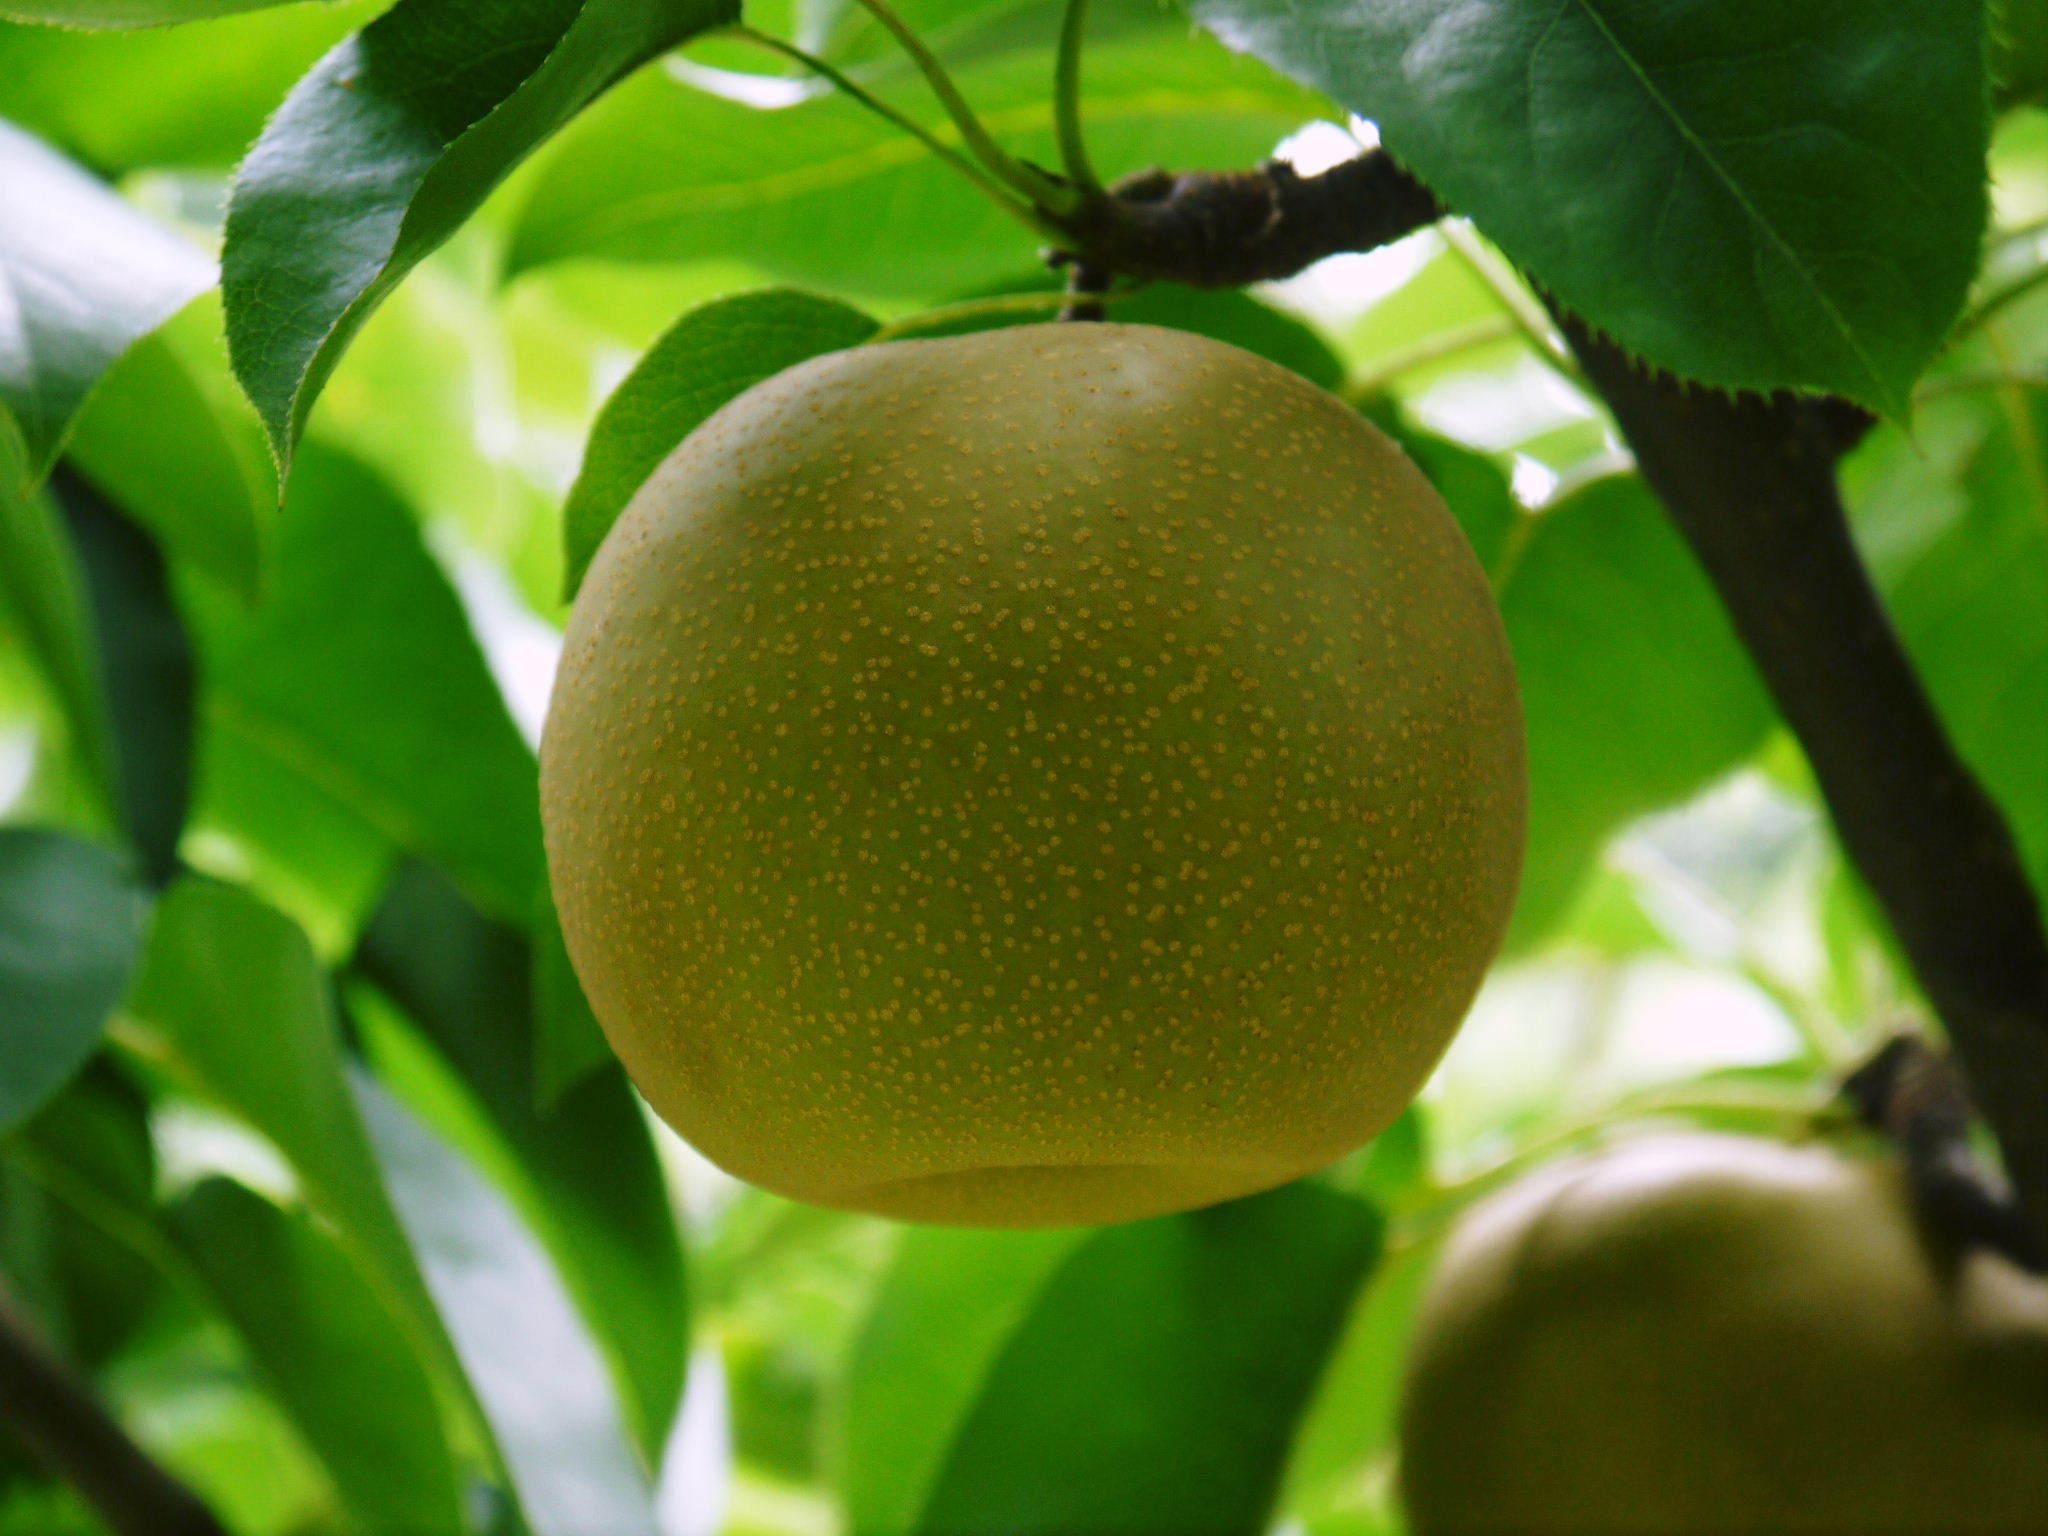 熊本梨「幸水」先行予約受付中!岩永農園さんは今年も無袋栽培&樹上完熟にこだわり出荷します!(後編)_a0254656_17273654.jpg